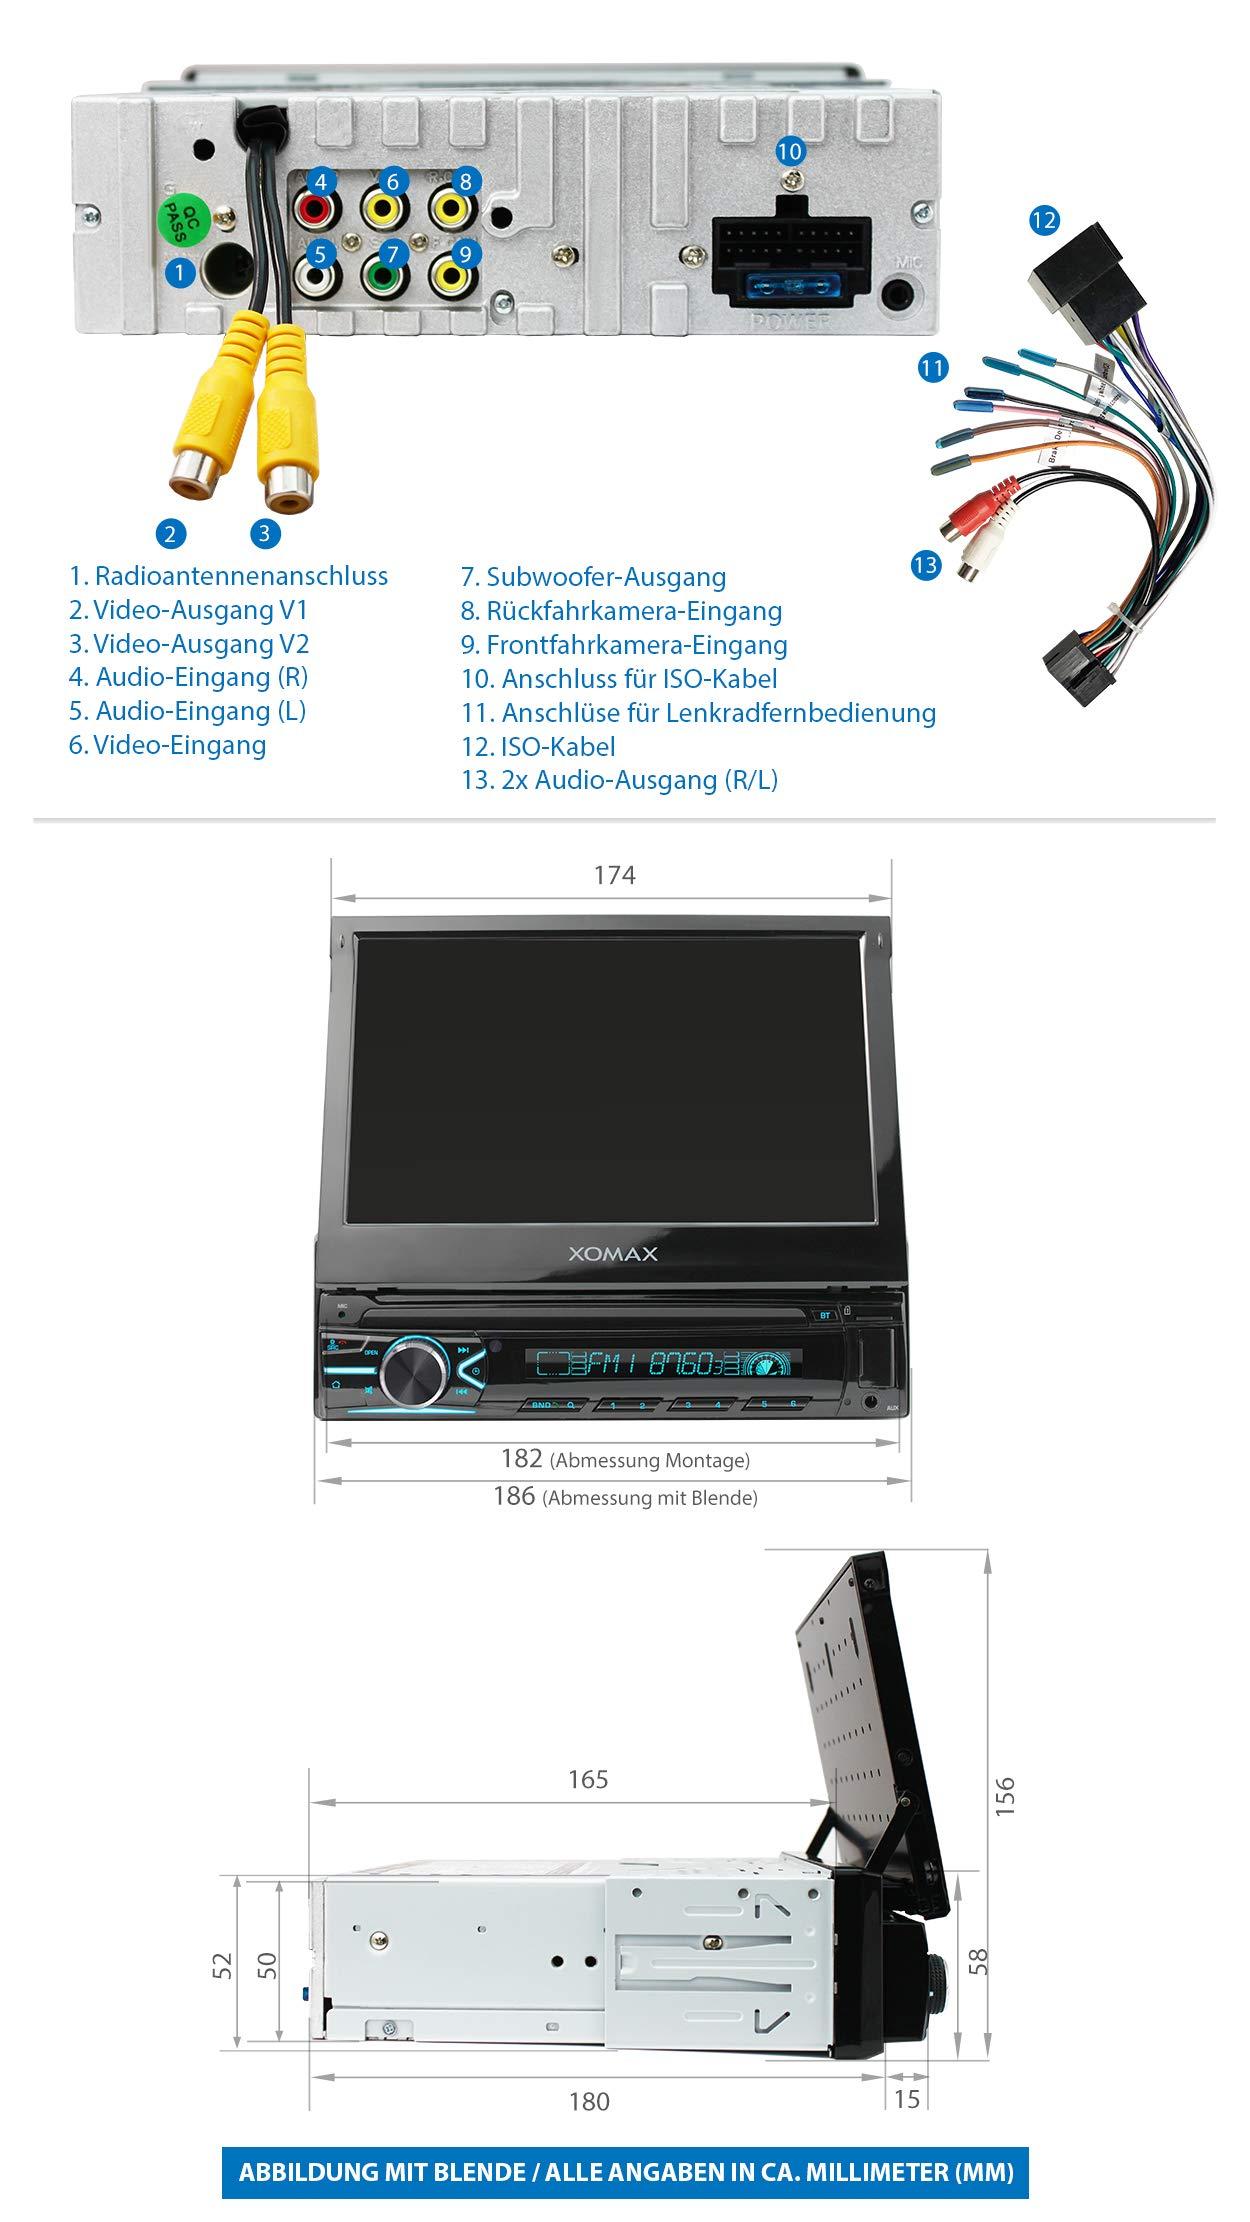 XOMAX-XM-V746-Autoradio-mit-Mirrorlink-I-7-Zoll-18-cm-Touchscreen-I-Bluetooth-Freisprecheinrichtung-I-RDS-I-SD-USB-AUX-I-Anschlsse-fr-Front-und-Rckfahrkamera-und-Lenkradfernbedienung-I-1-DIN